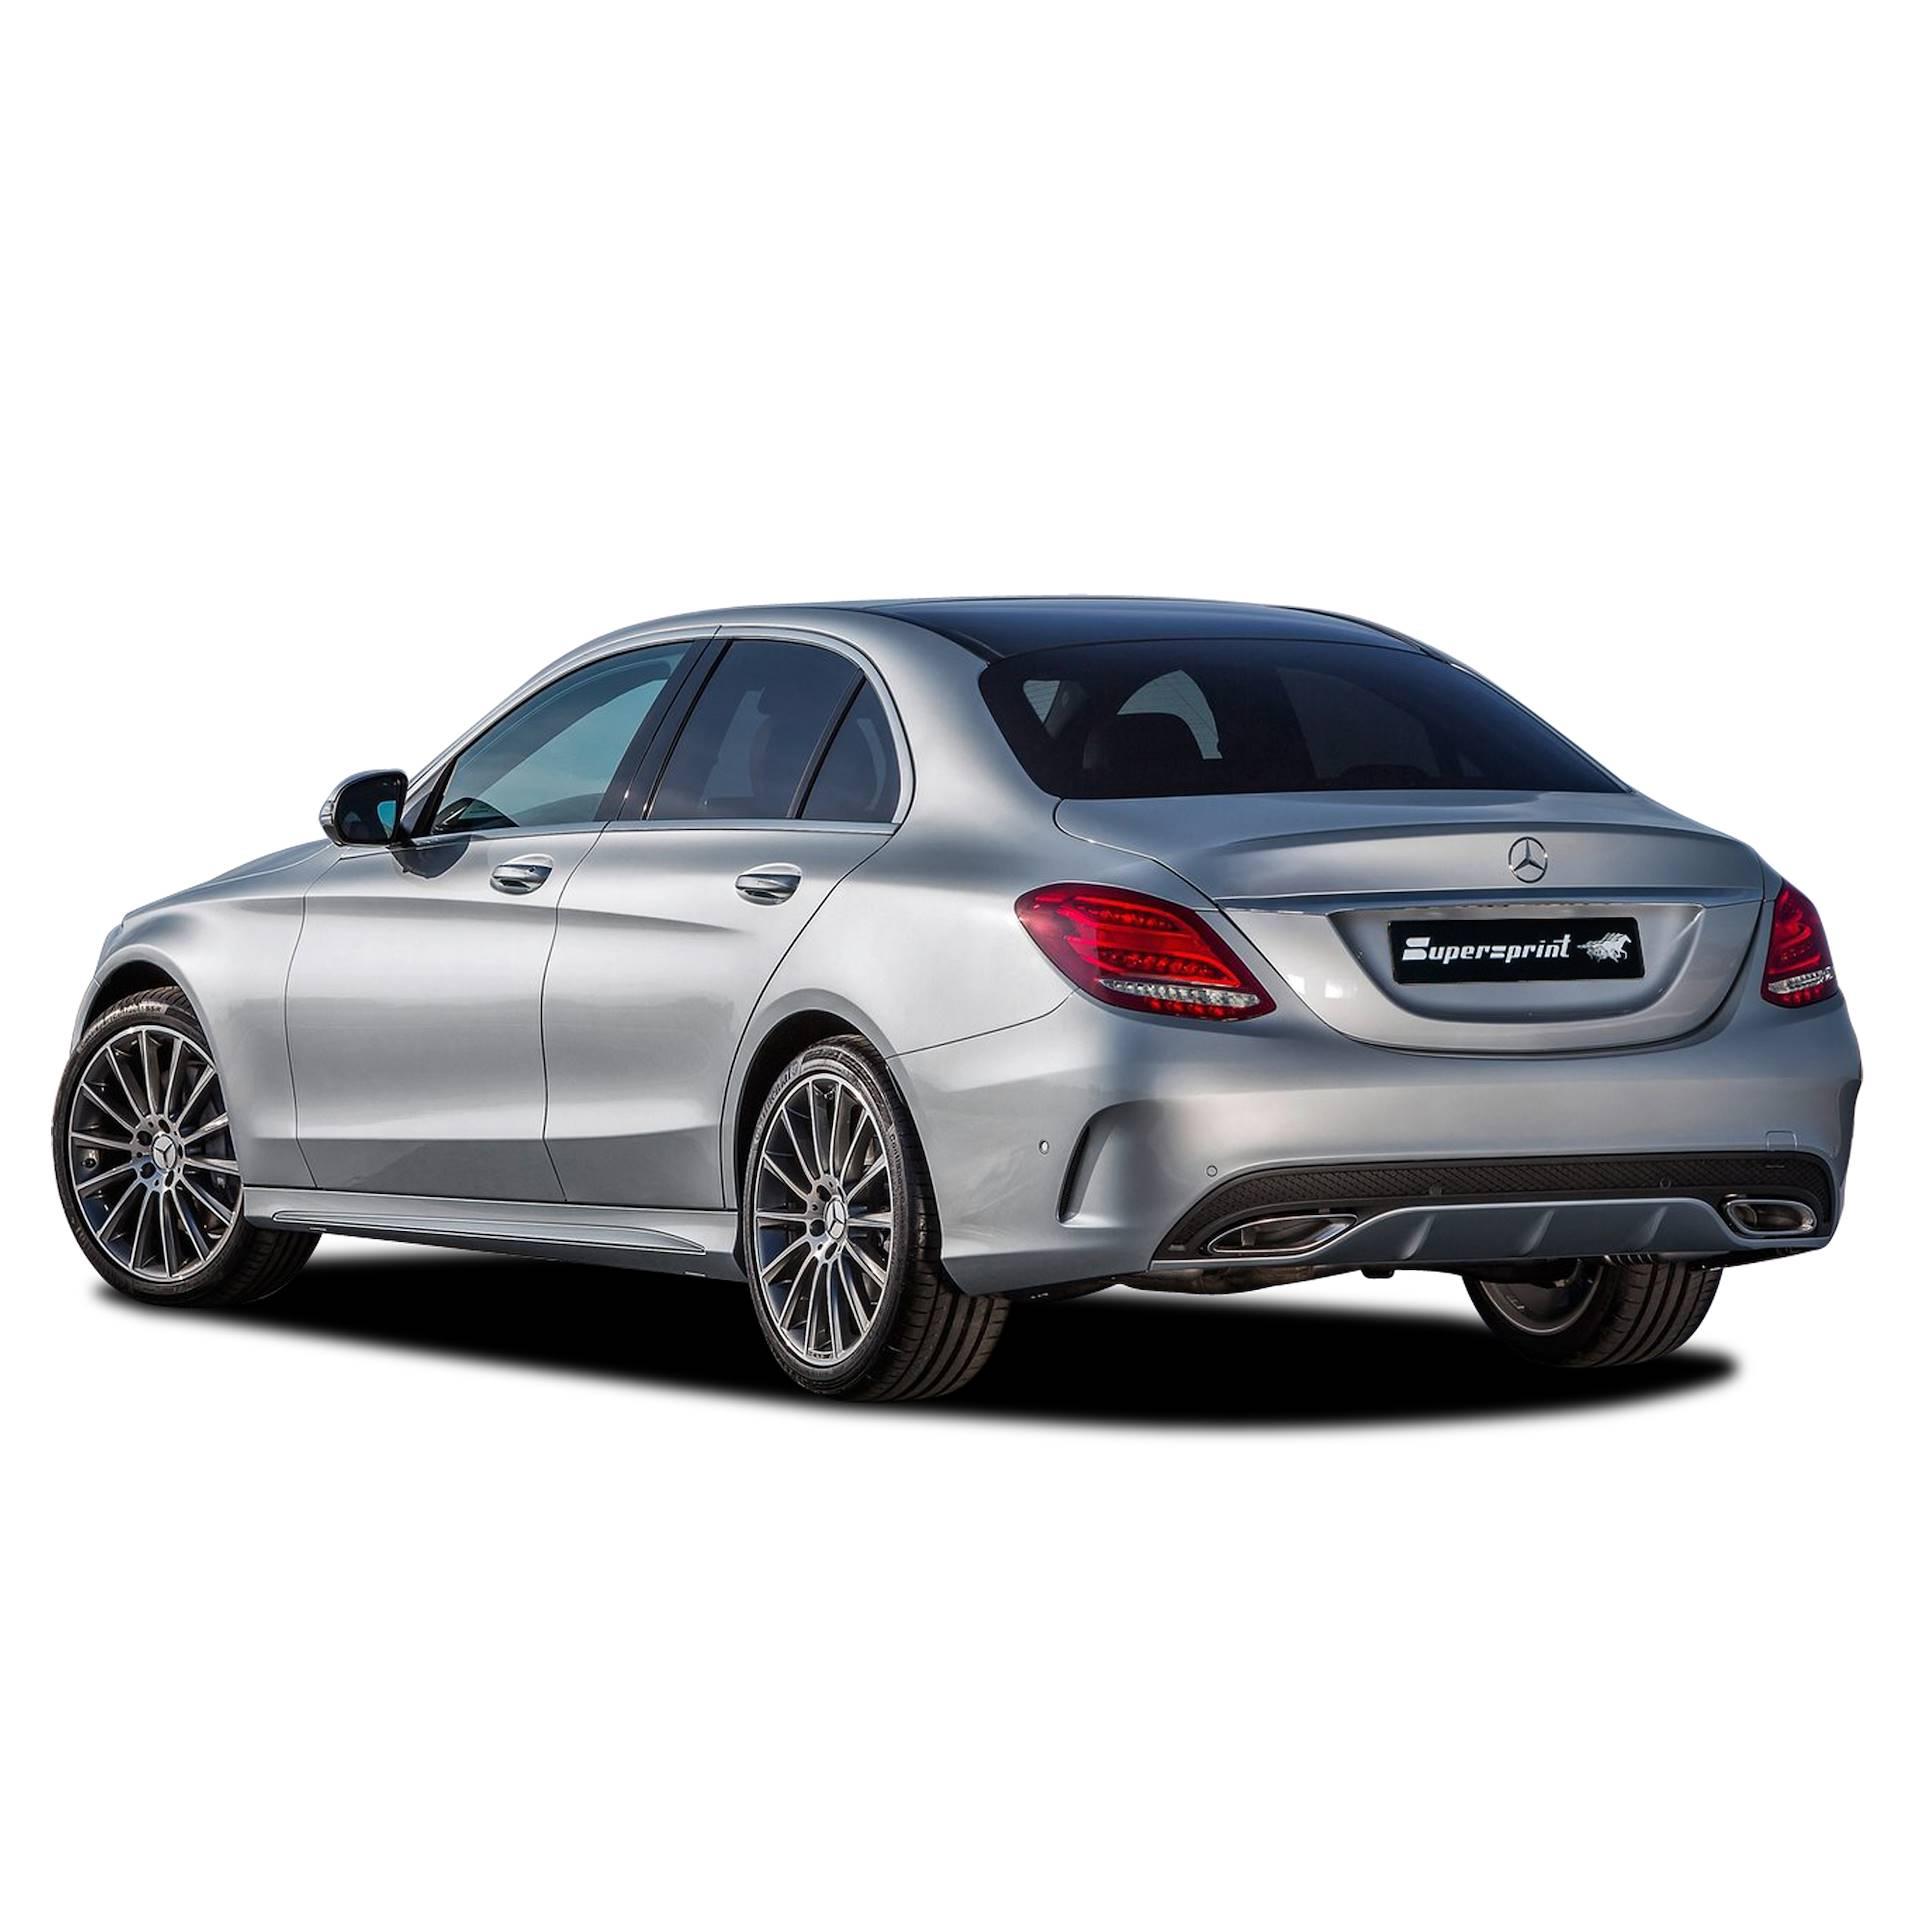 Supersprint fra Danspeed til Mercedes C-Klasse W205 C200 C300 C400